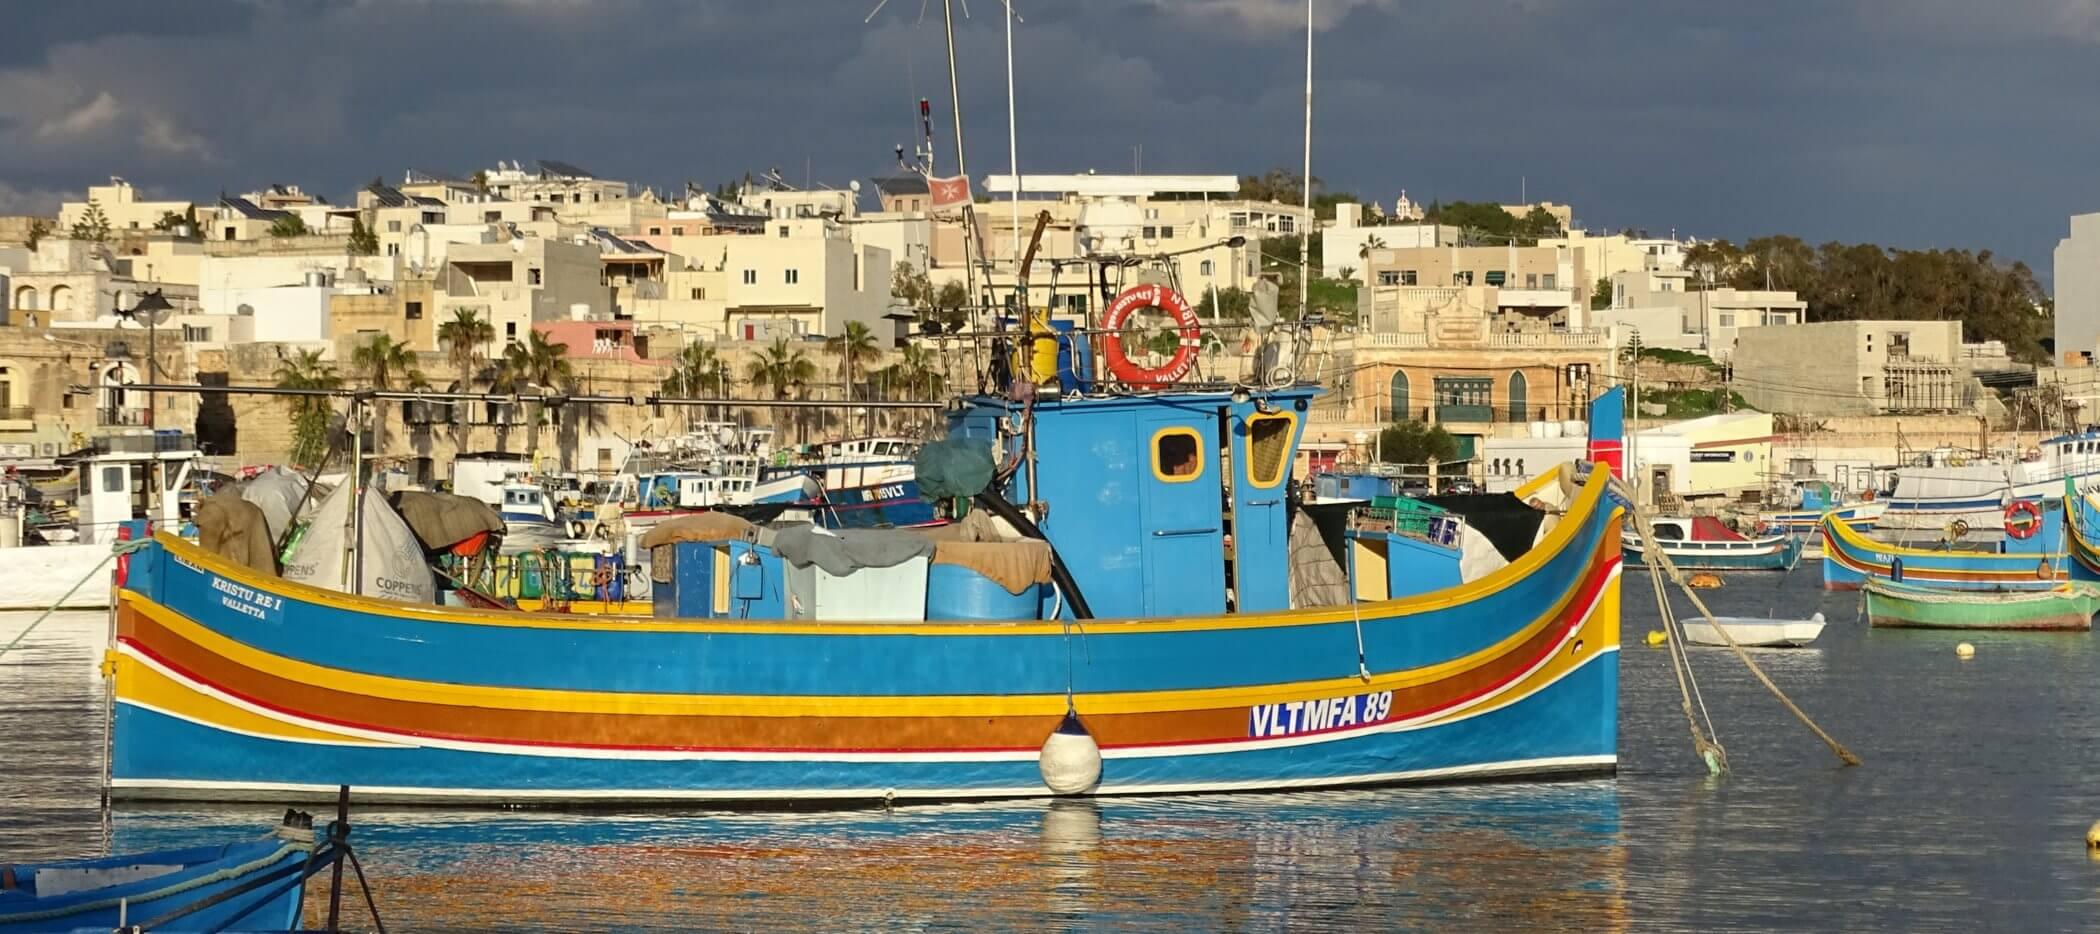 Buntes Schiff in Hafen von Marsaxlokk auf Malta